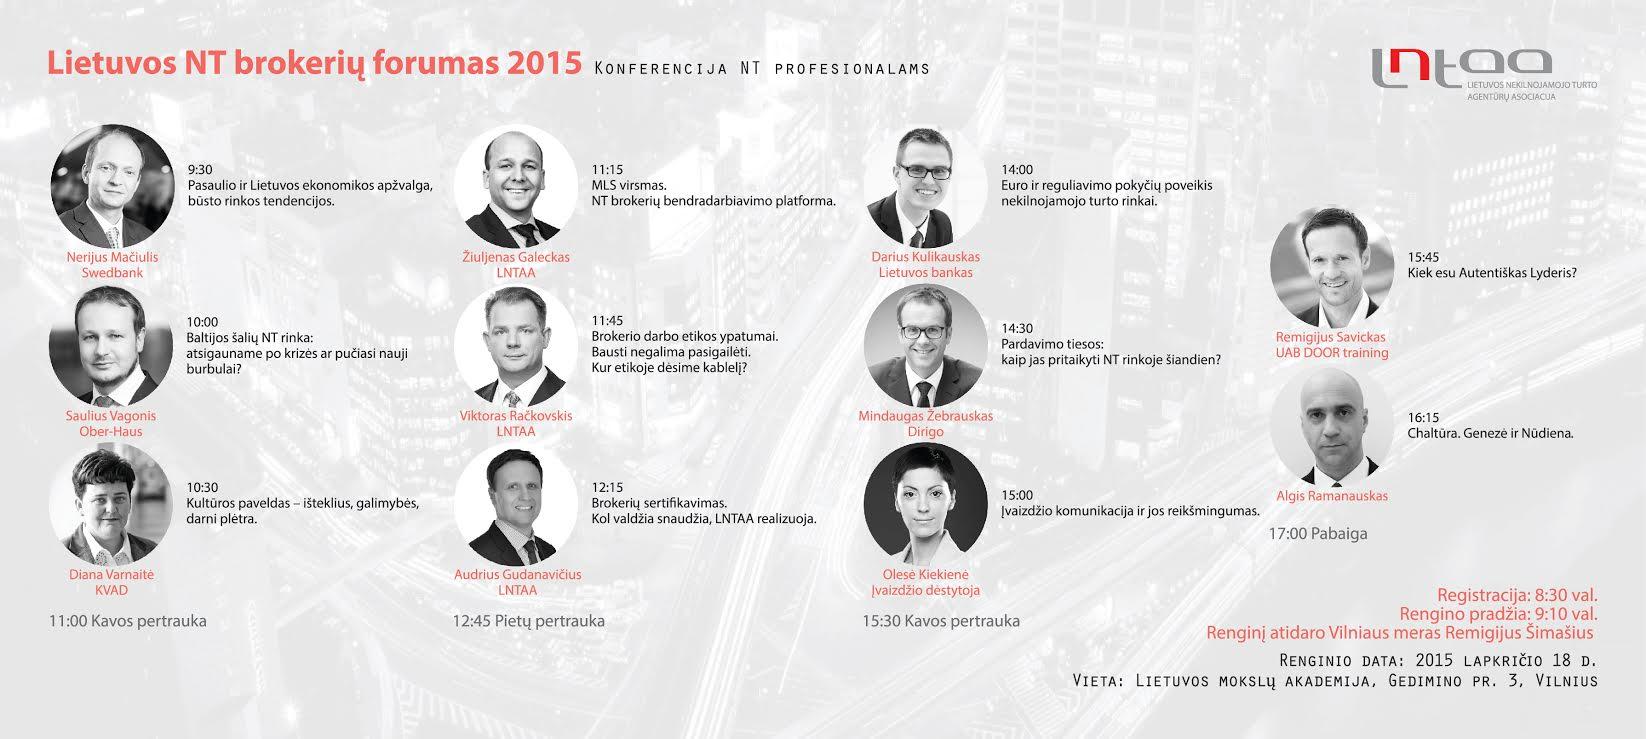 Lietuvos NT brokerių forumas 2015. Renginys profesionalams.